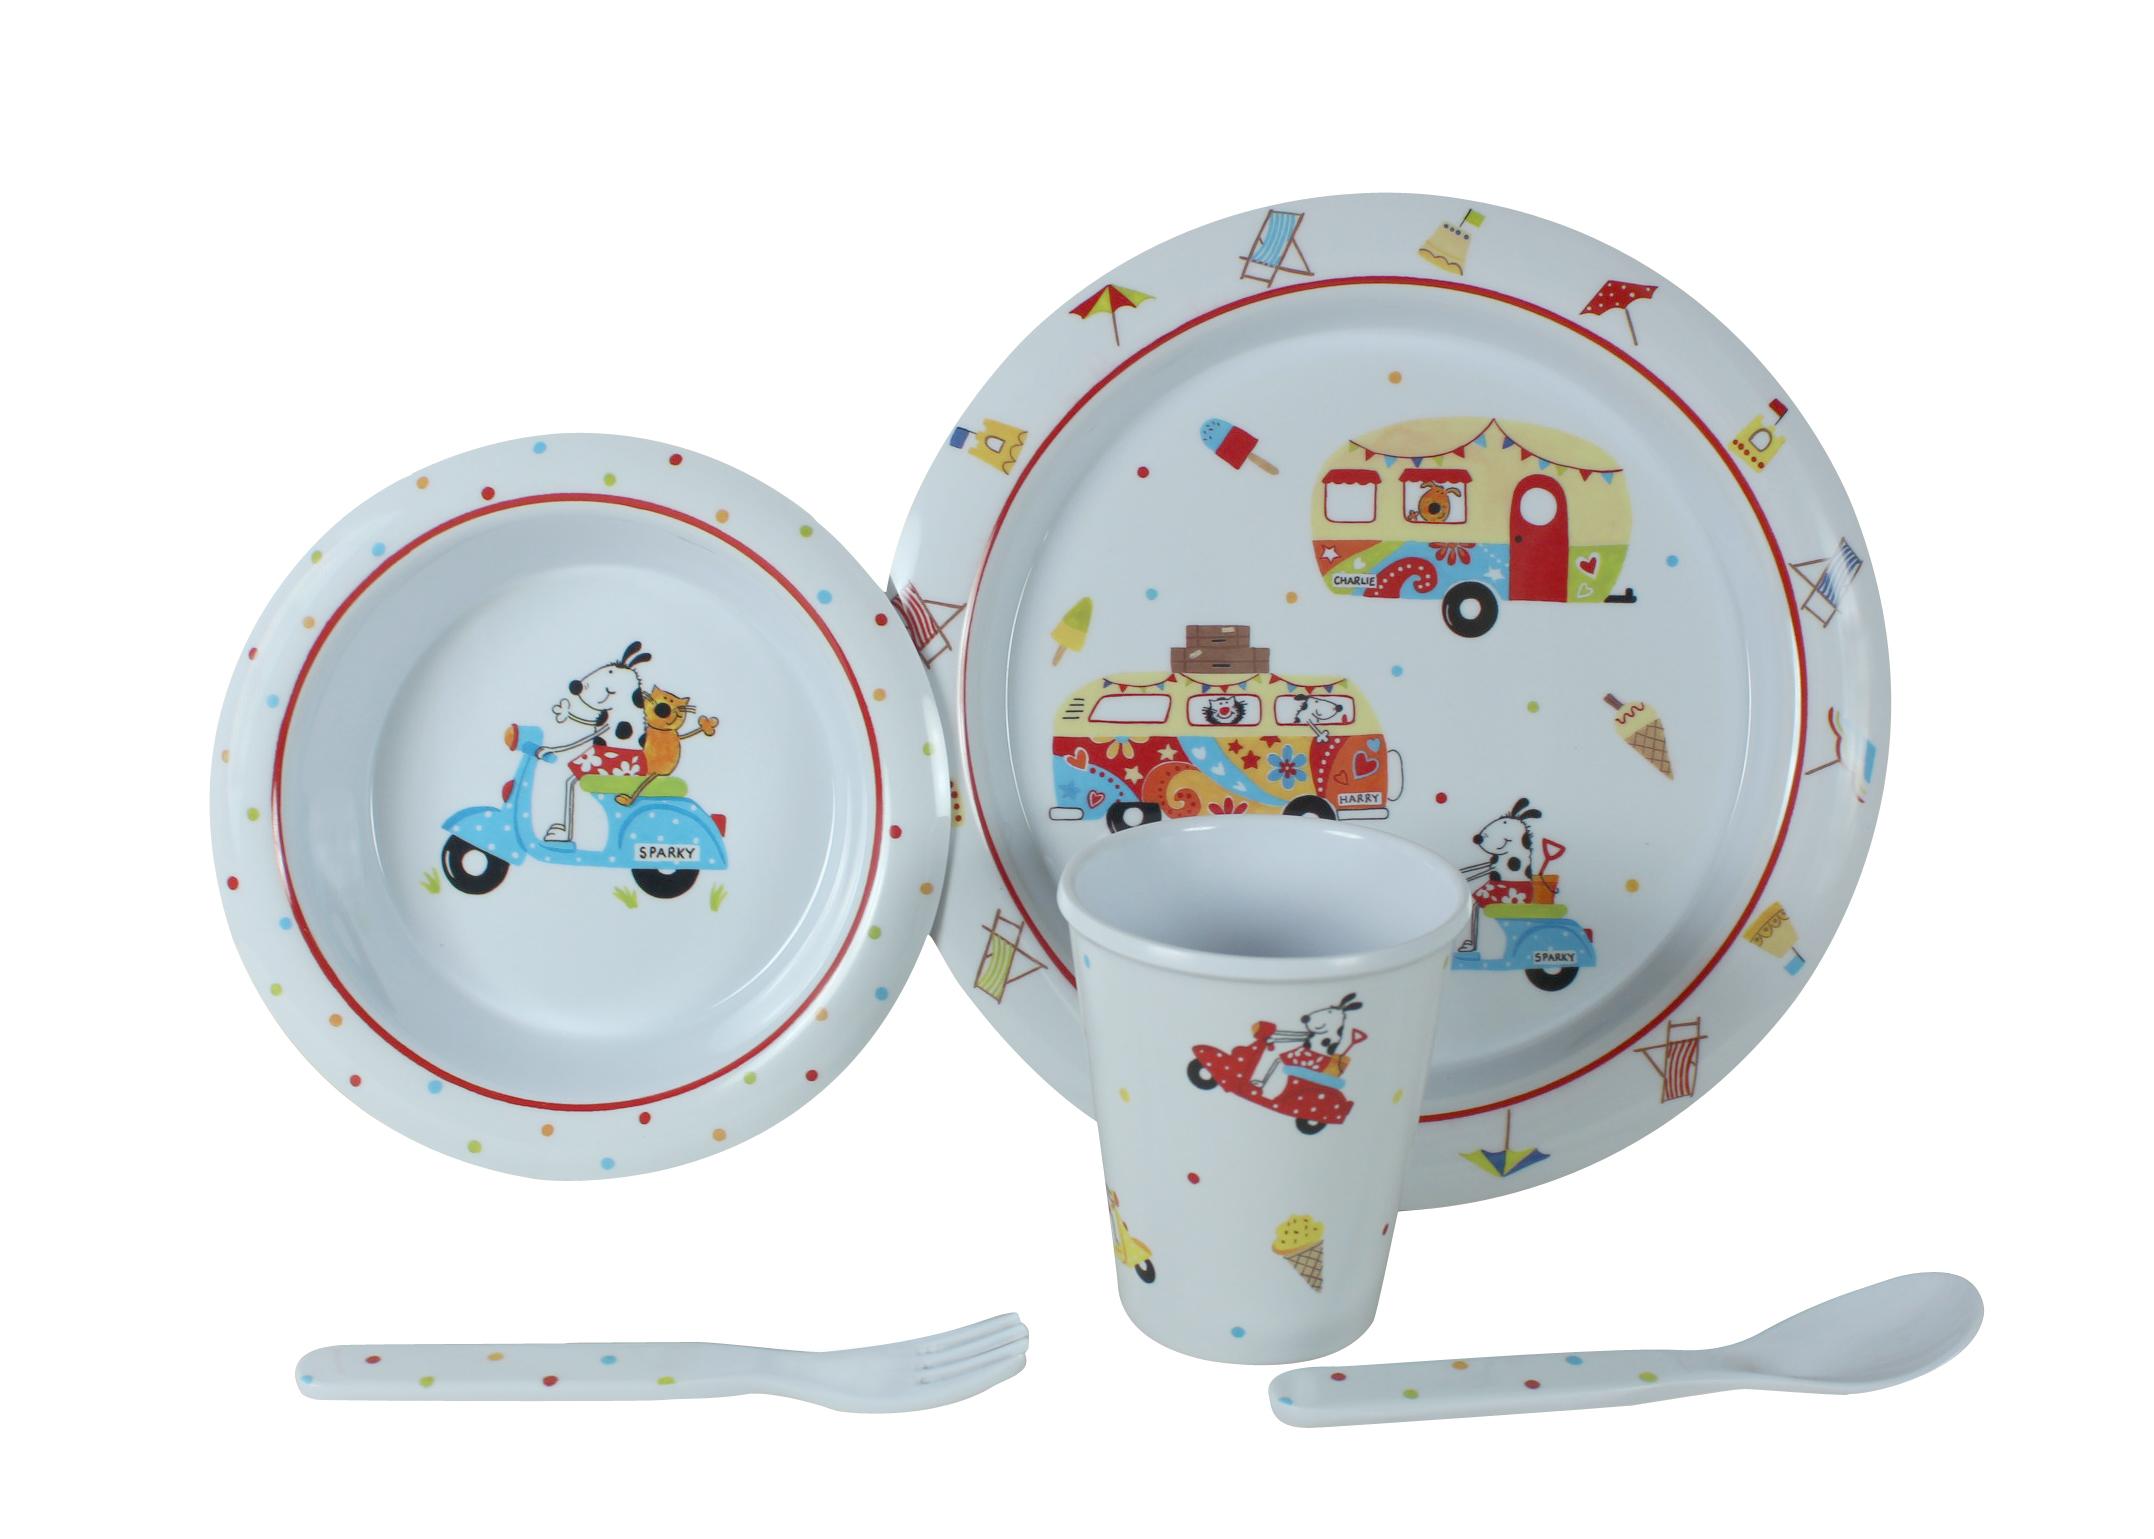 Spisesæt børn - med figurer til børn og baby - melamin